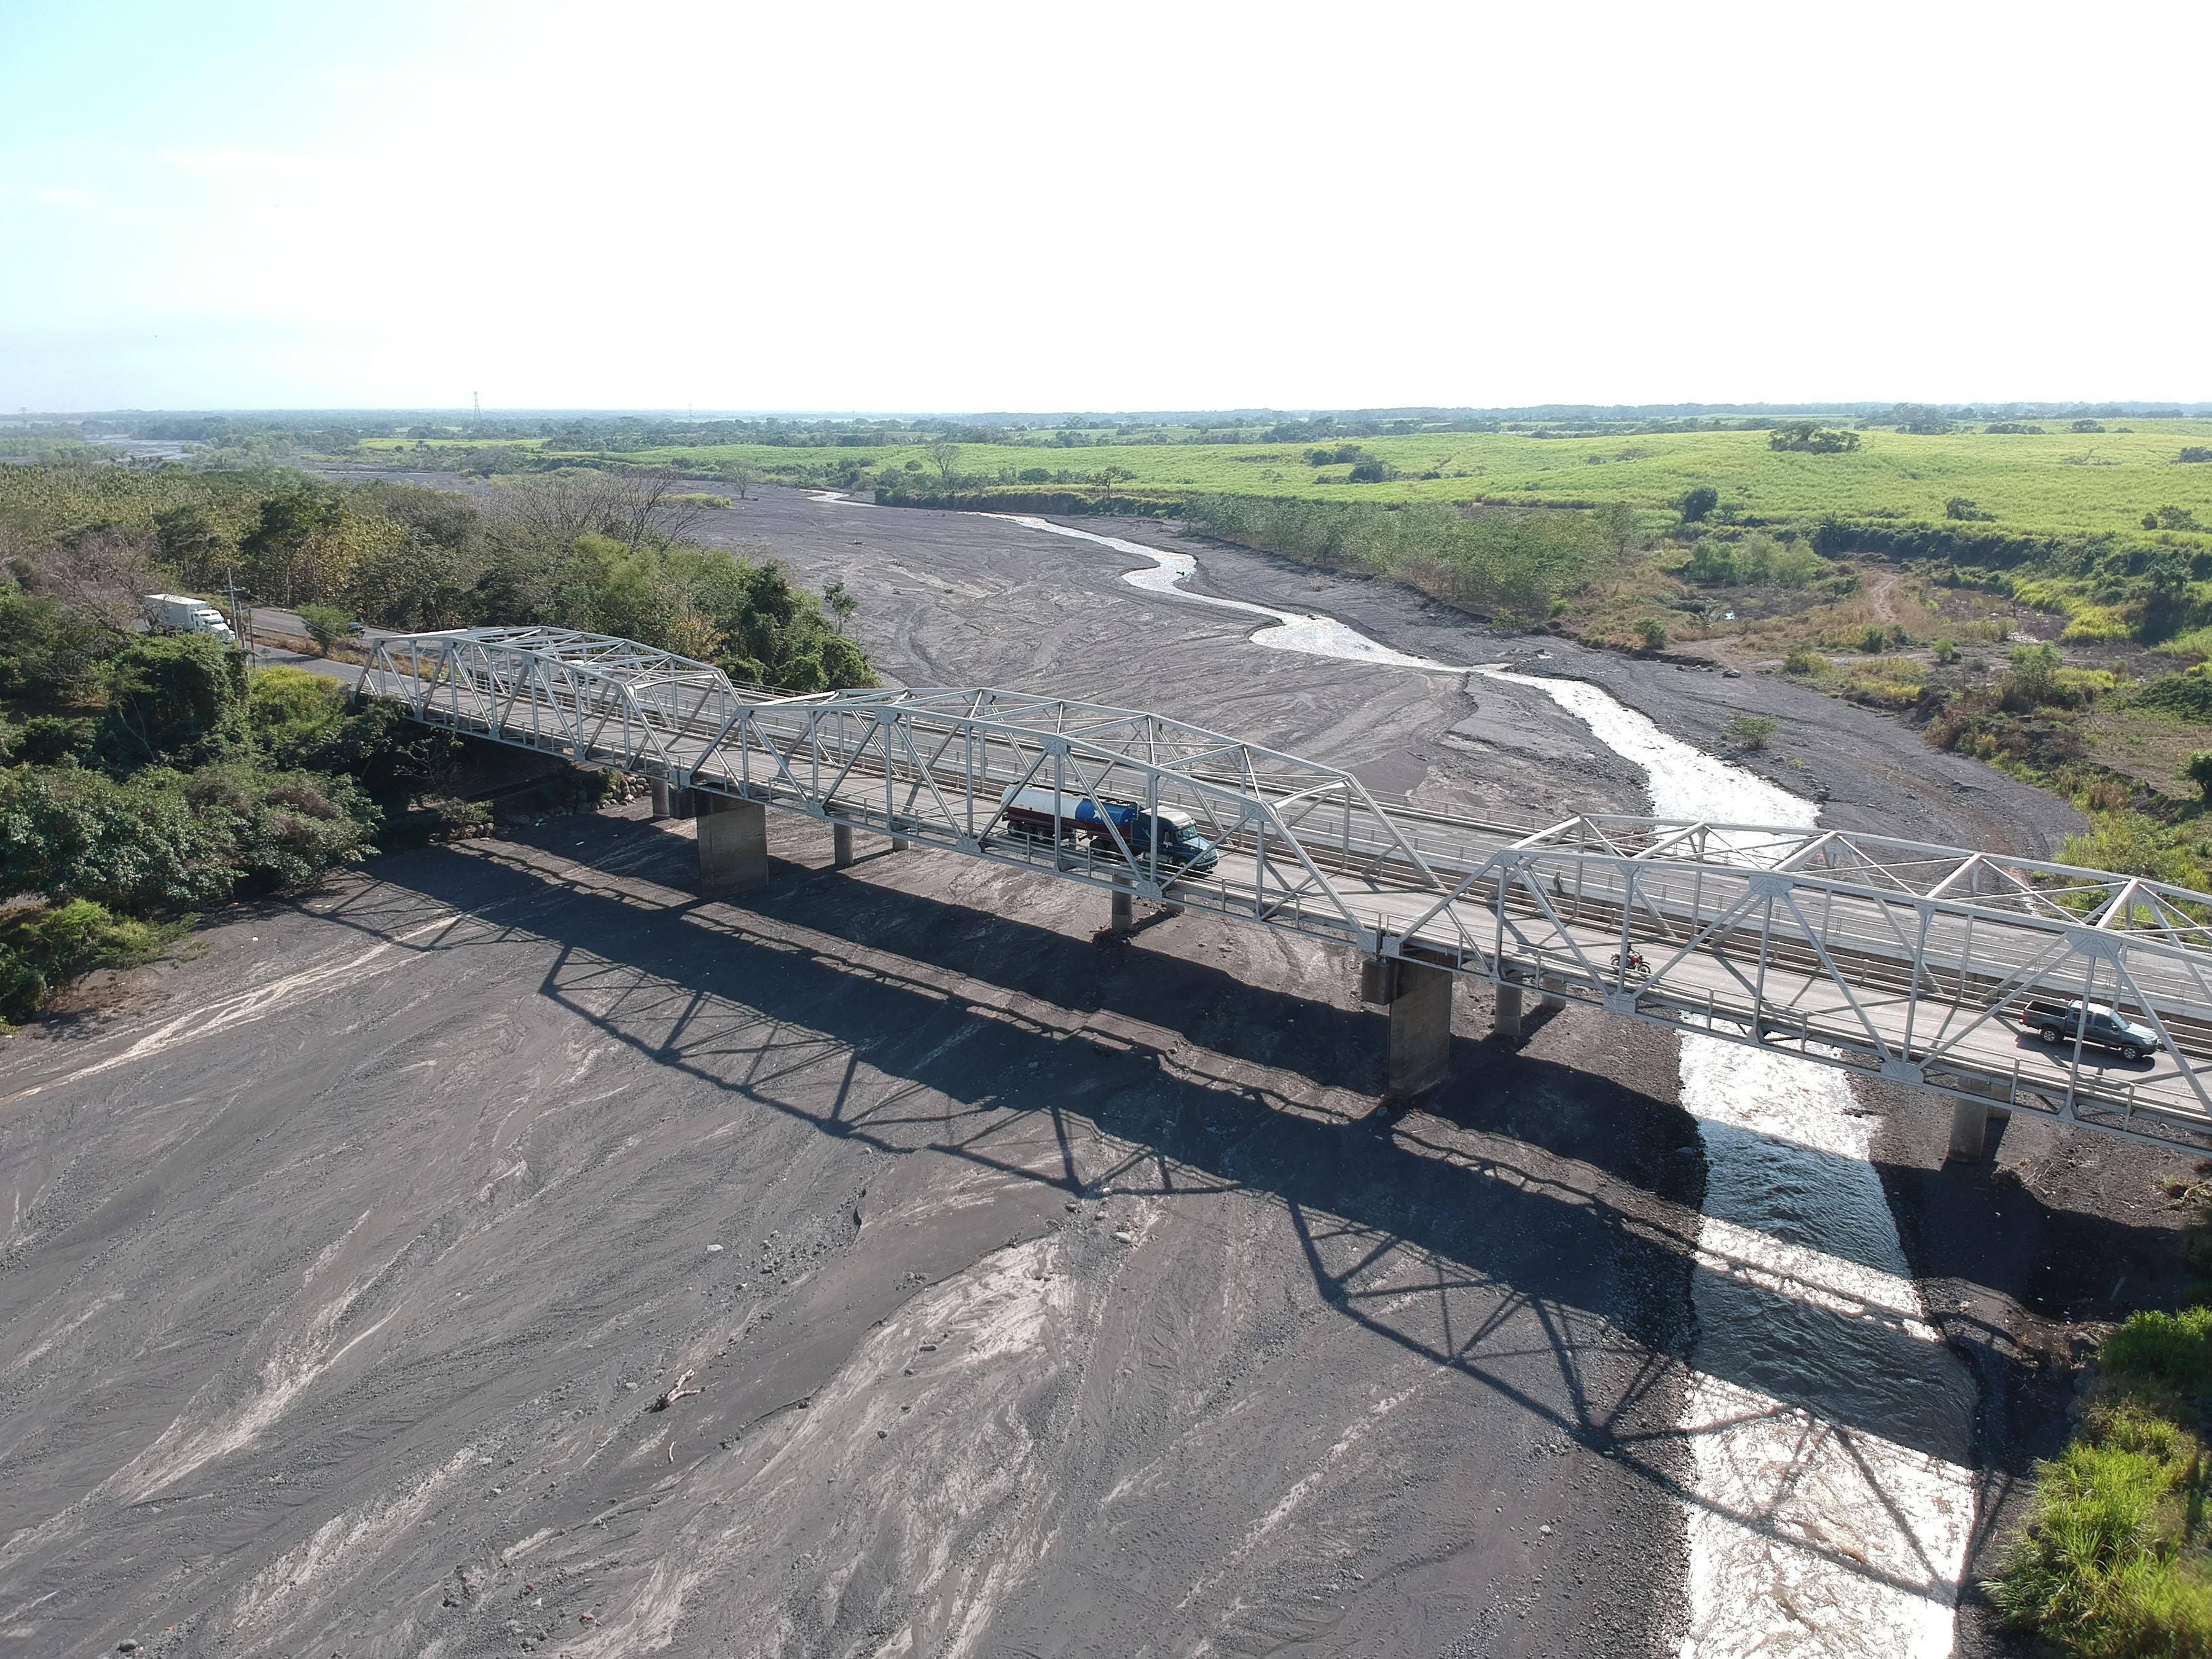 El bajo caudal del río Achiguate afecta a agricultores de la parte sur de Escuintla. (Foto Prensa Libre: Carlos Paredes)